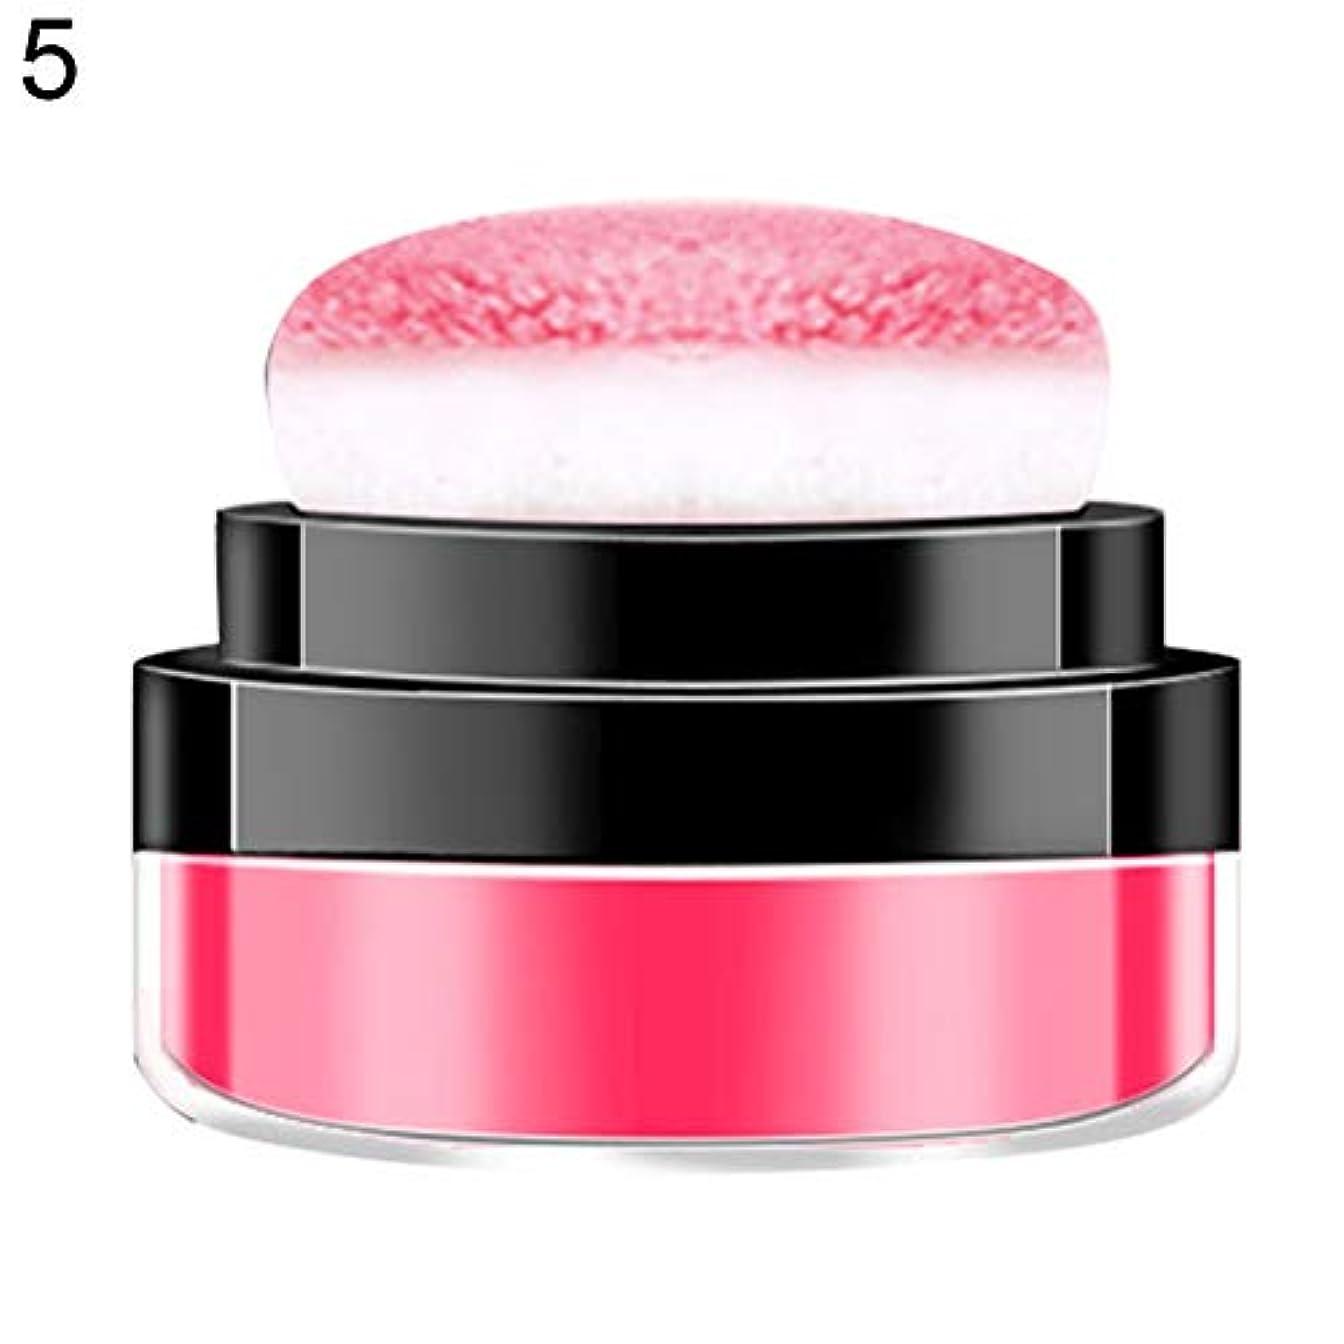 尊敬ふつうかごダイドーラ8.8gマッシュルームエアクッションブラッシャーフェイシャルナチュラルブライトニング化粧品 - 5